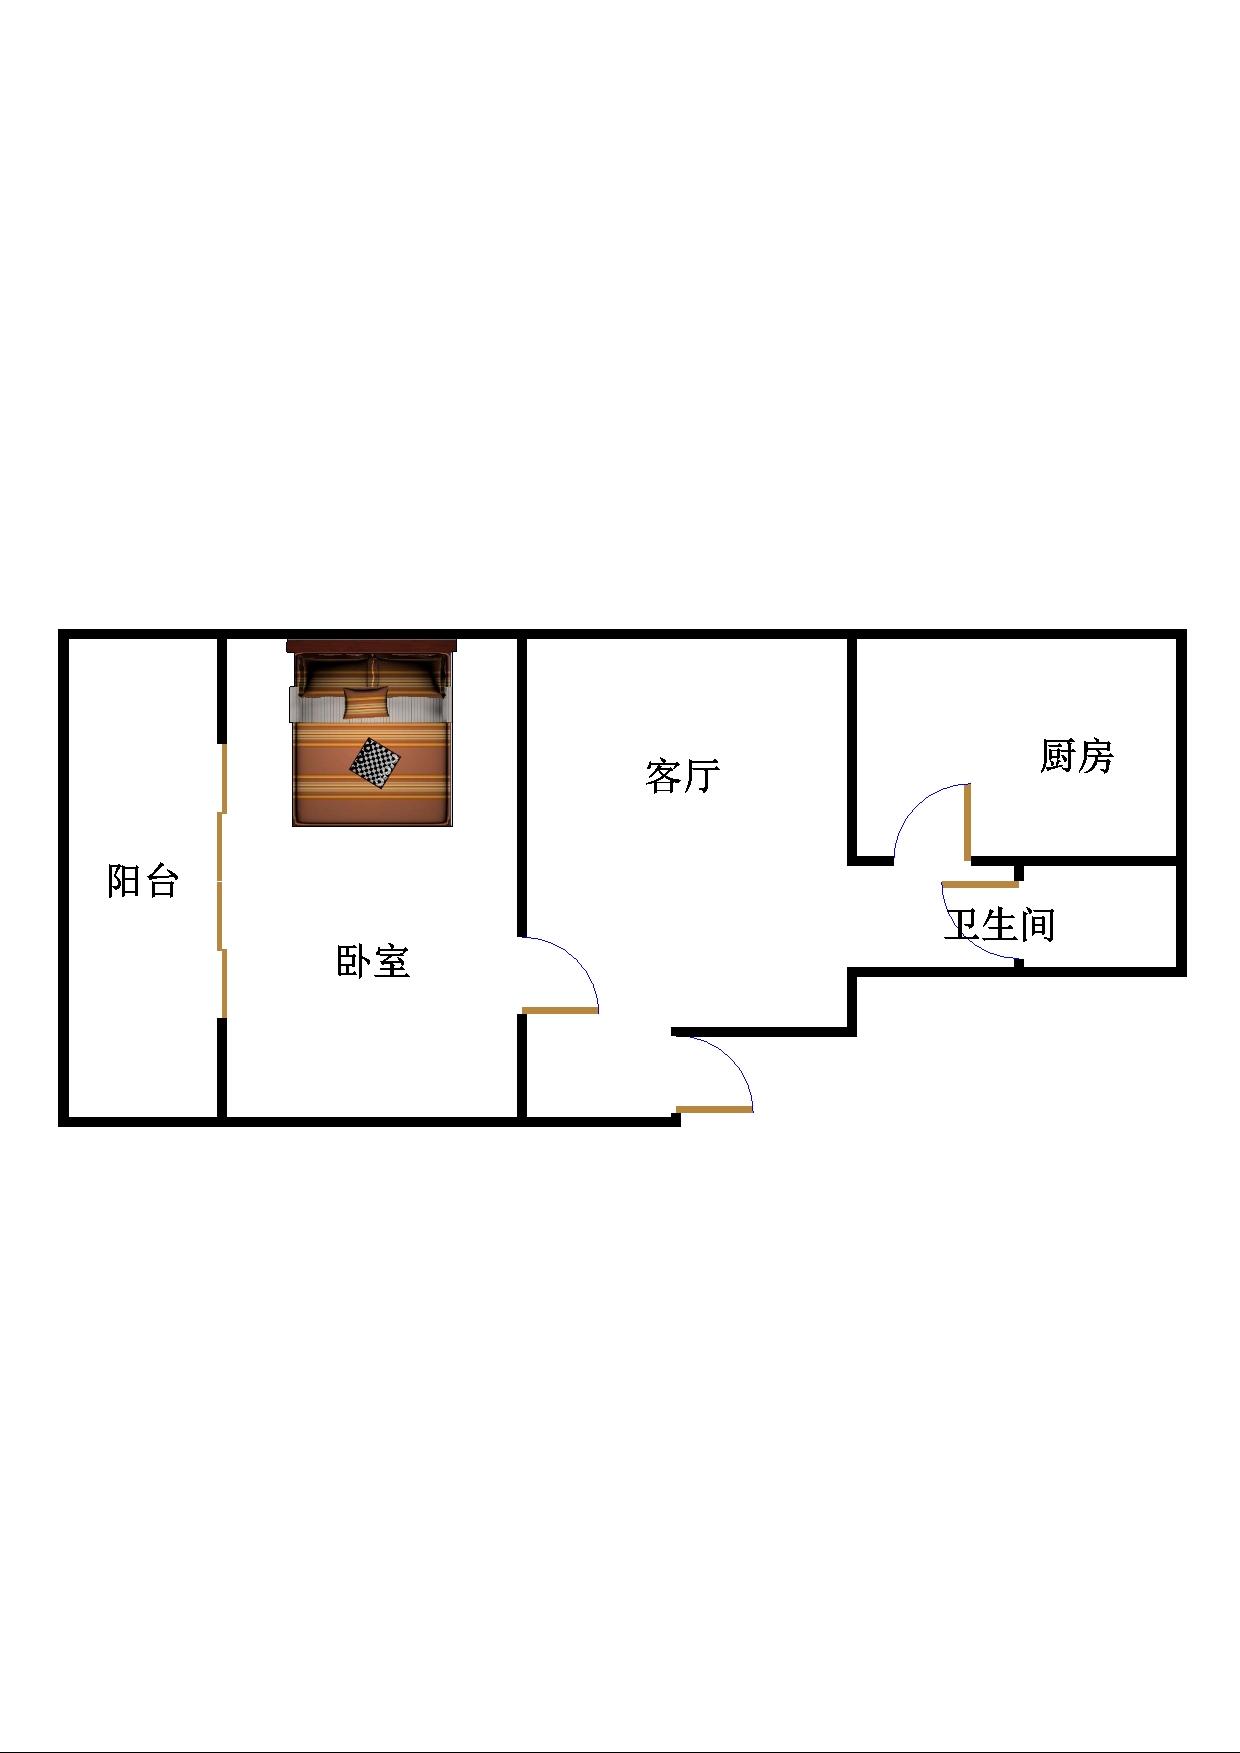 中原纺织小区 2室1厅 双证齐全过五年 简装 75万